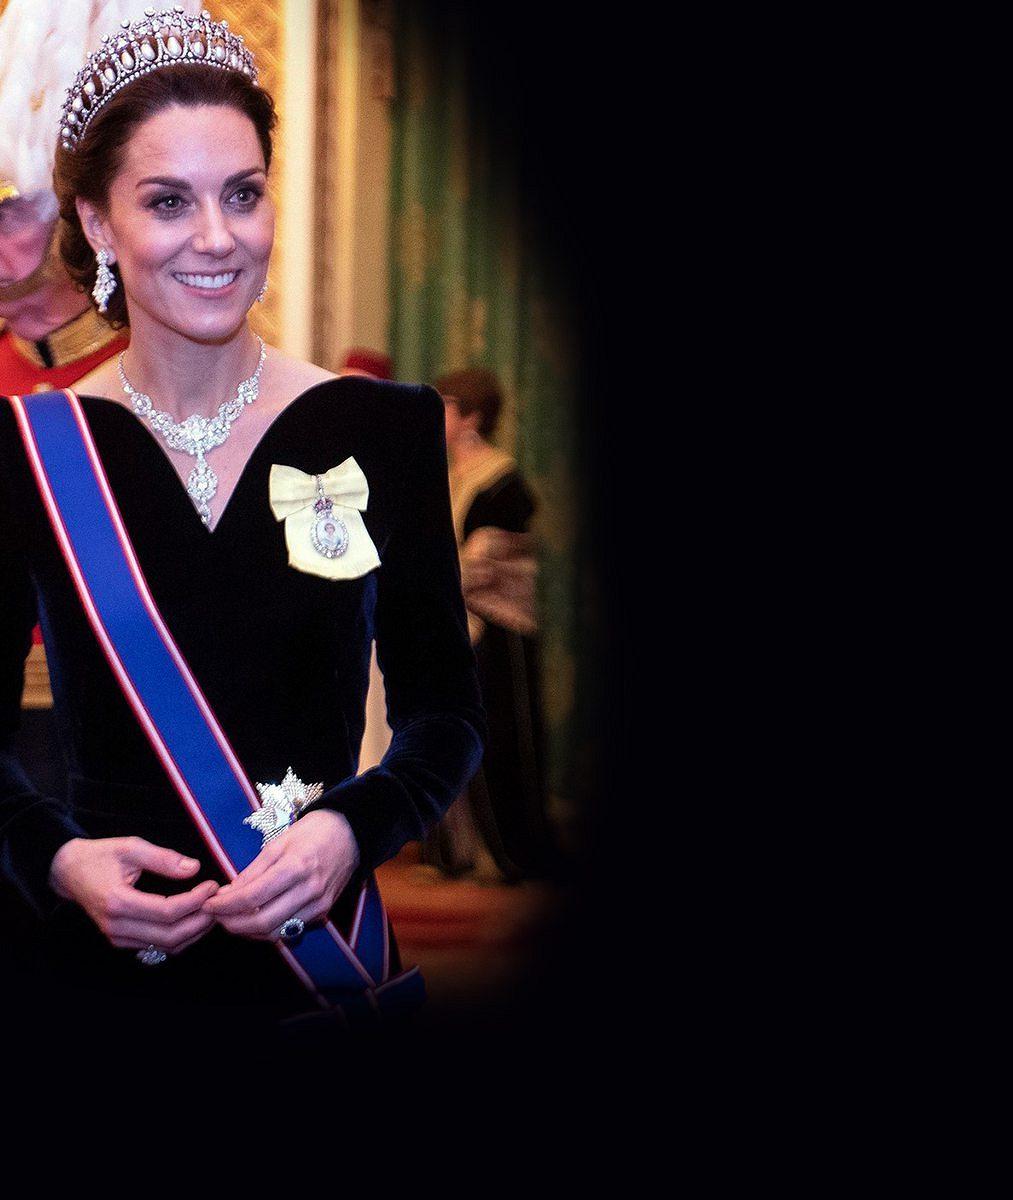 Vévodkyně Kate se ozdobila legendárním kouskem z královské šperkovnice. Kdo jej nosil před ní?